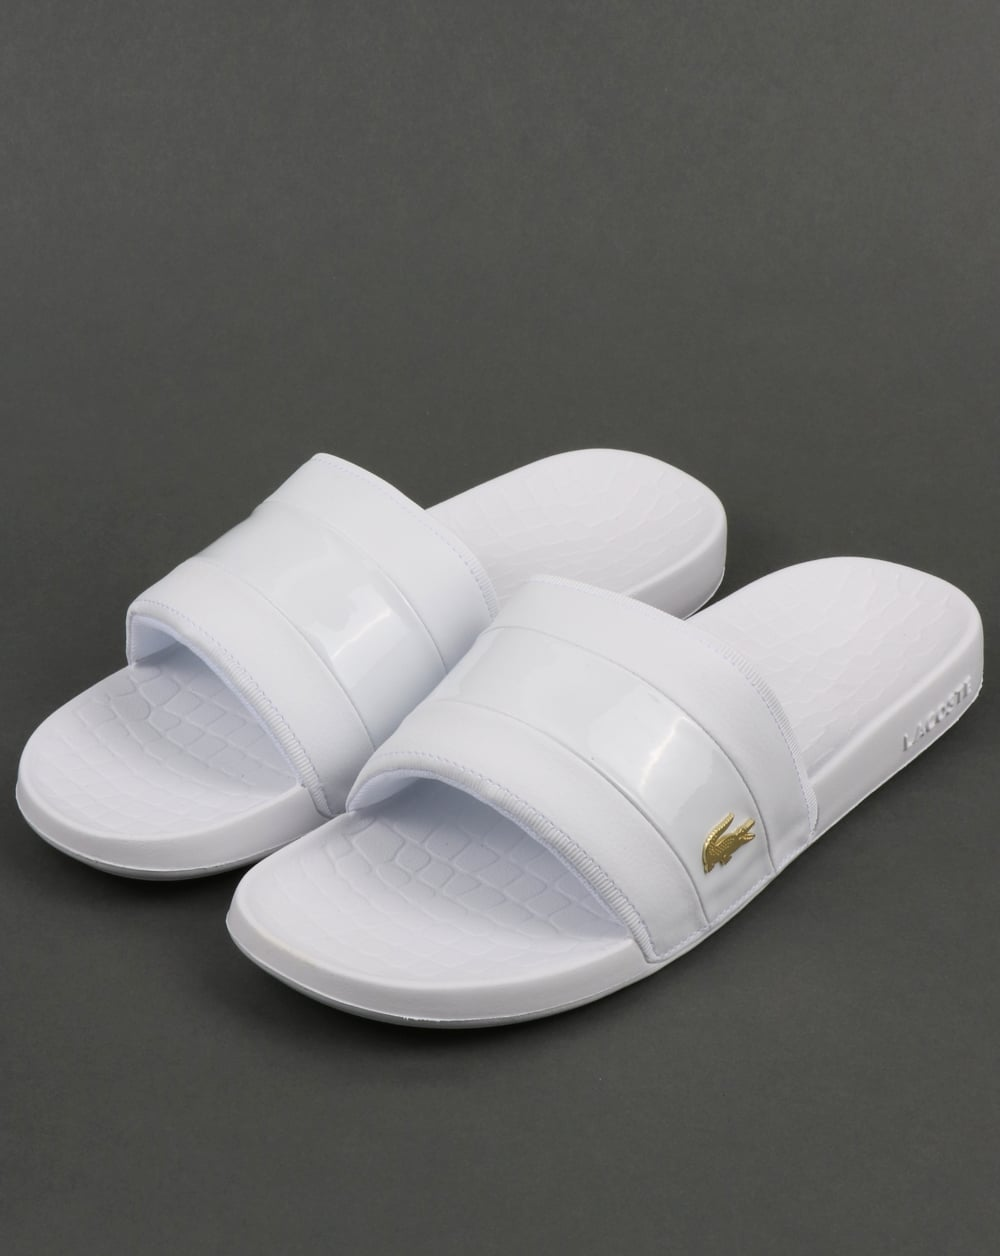 Lacoste Fraisier Sliders White Gold Sliders Flip Flops Sandals